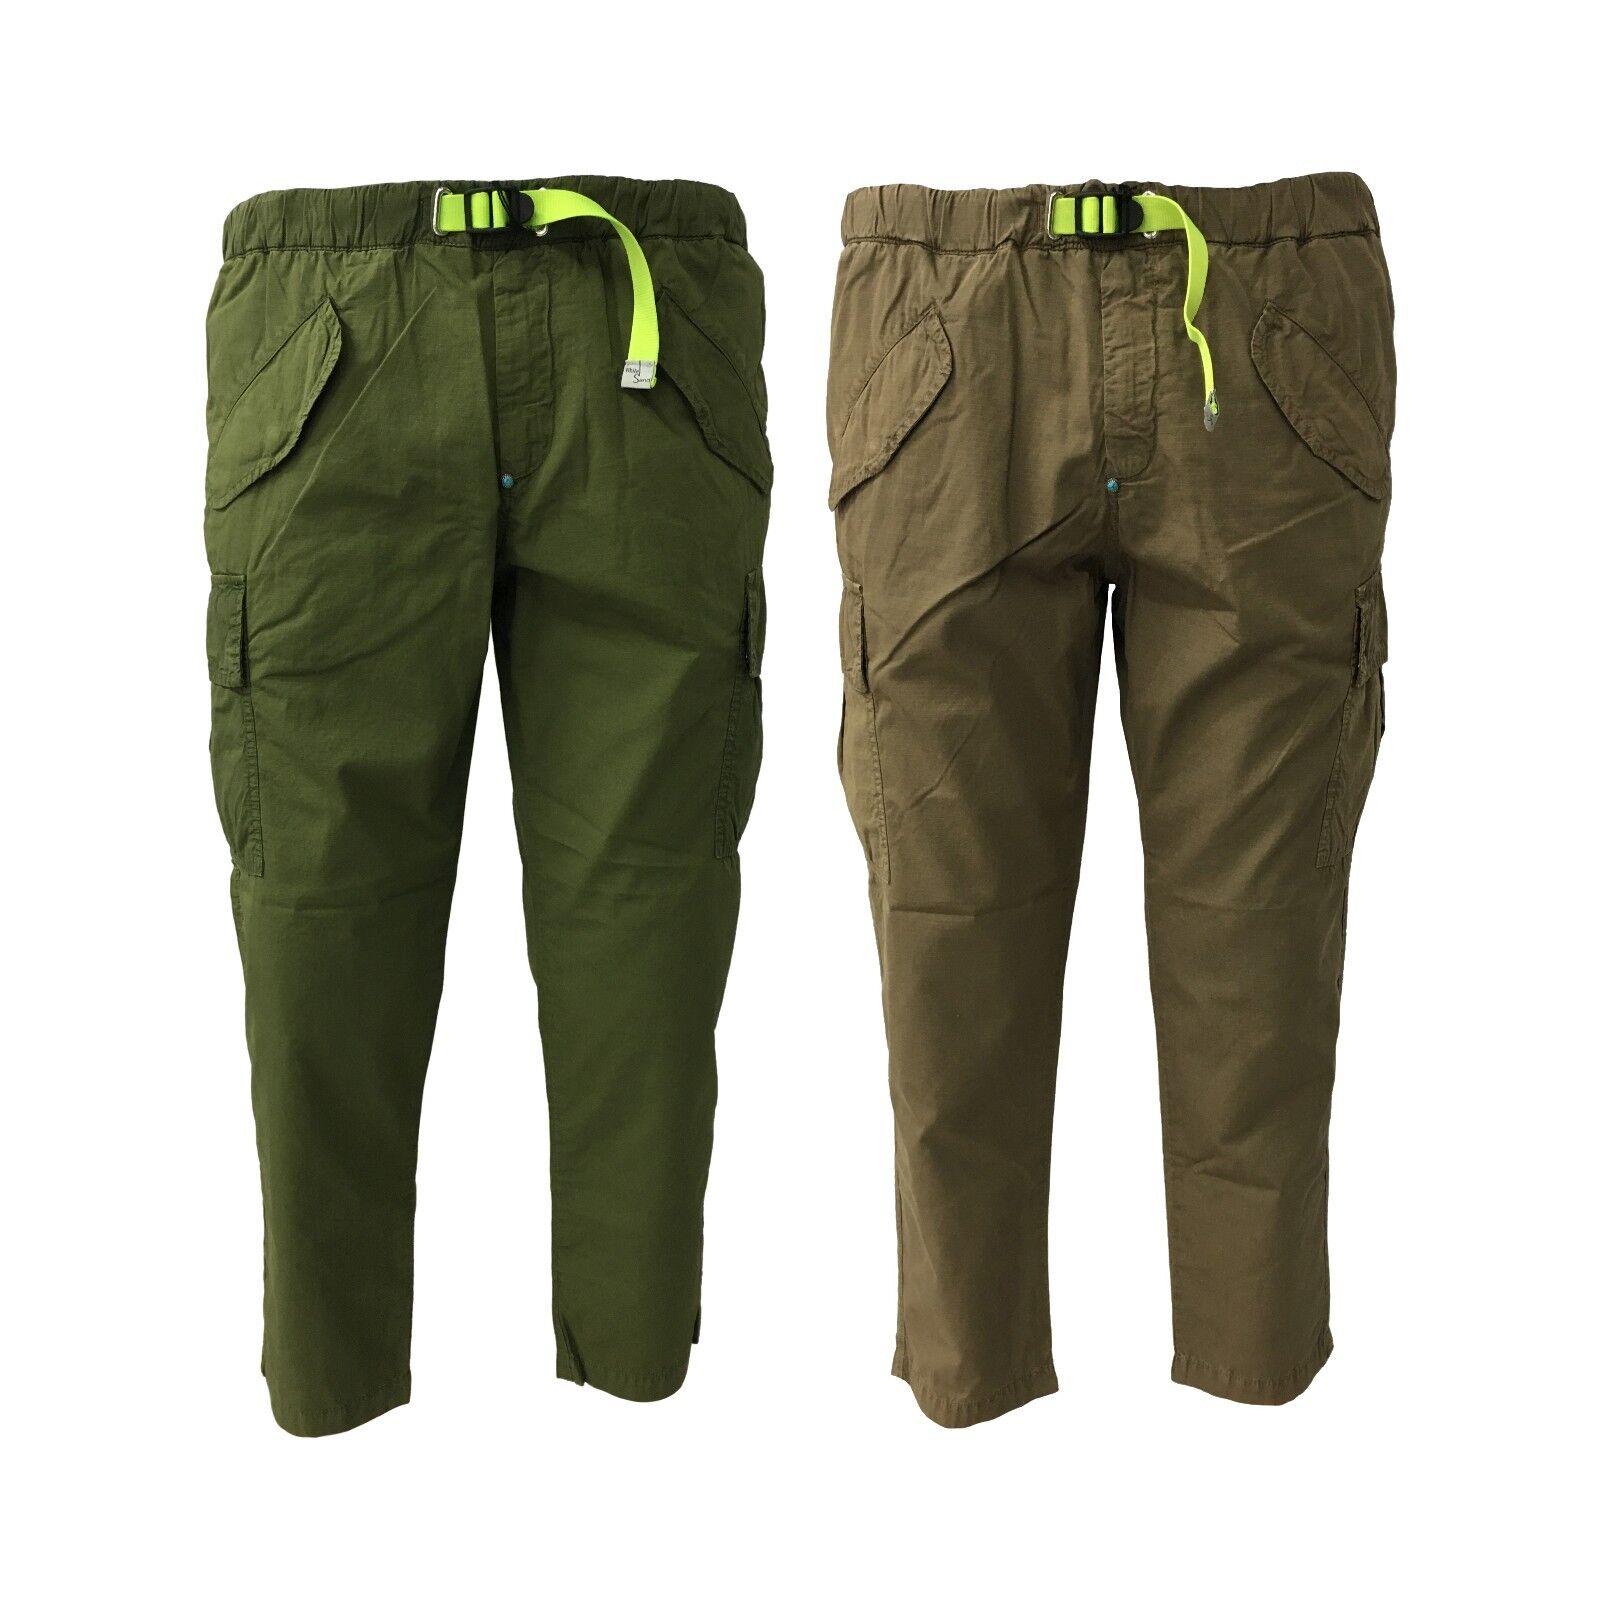 bianca SAND pantalone uomo con tasconi mod 18SU15 280 100% cotone